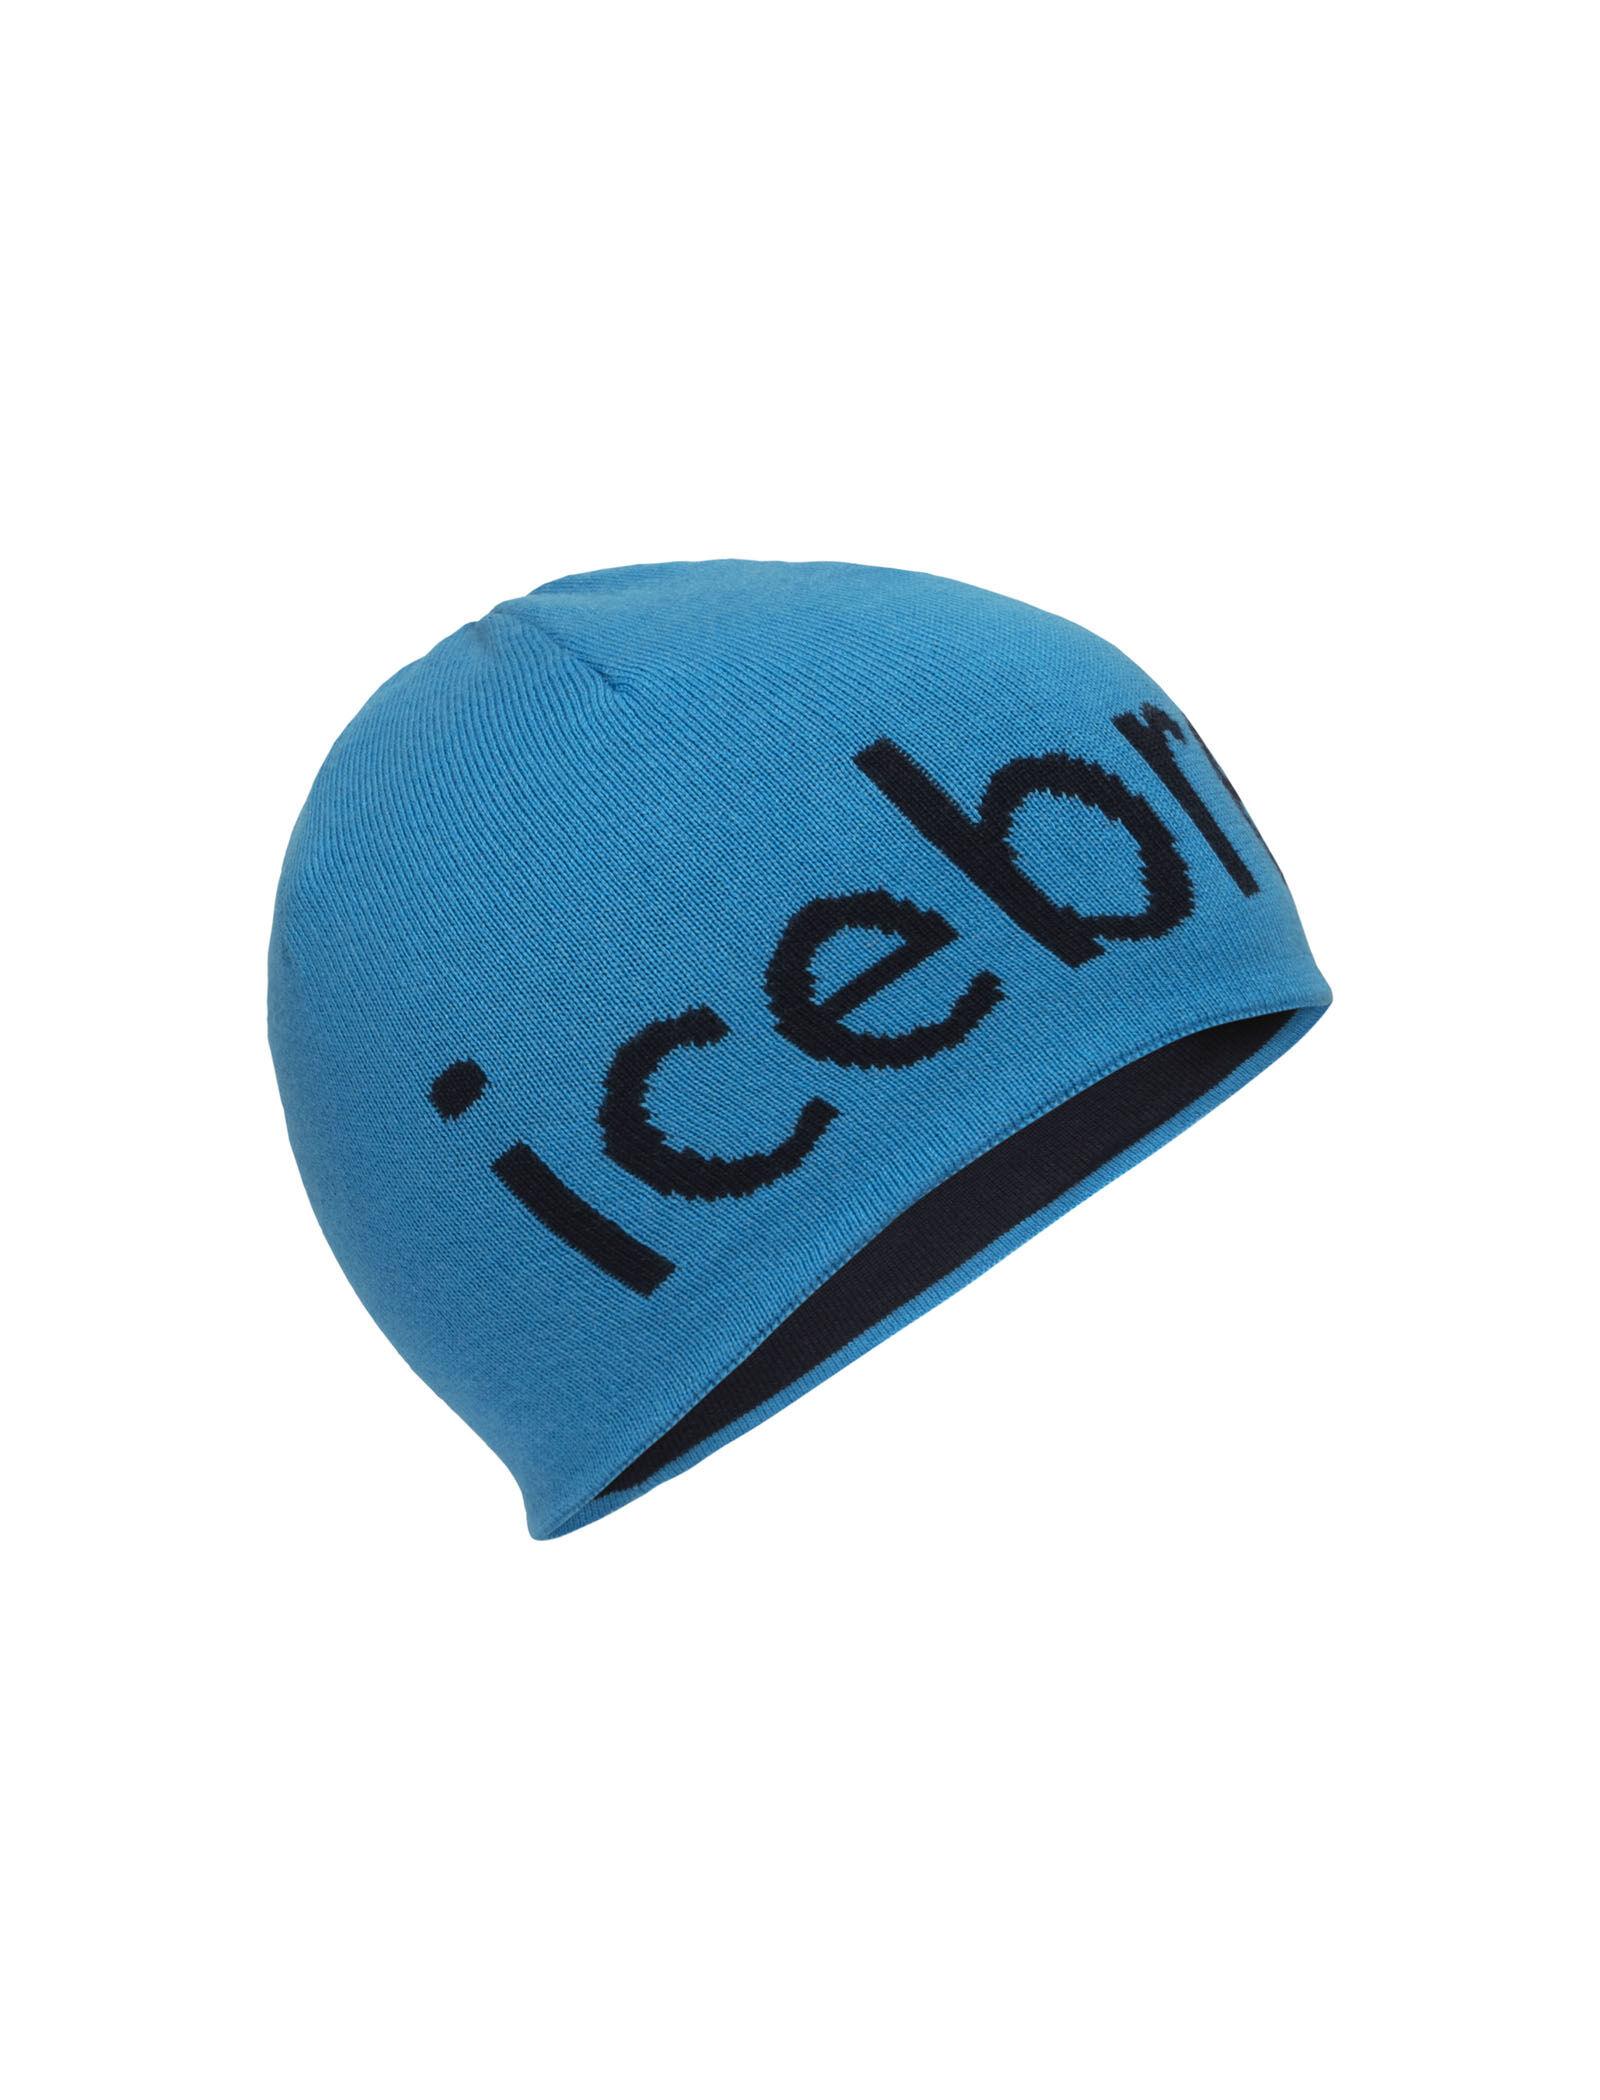 Icebreaker Merino Unisex-Adult Chase Merino Wool Beanie